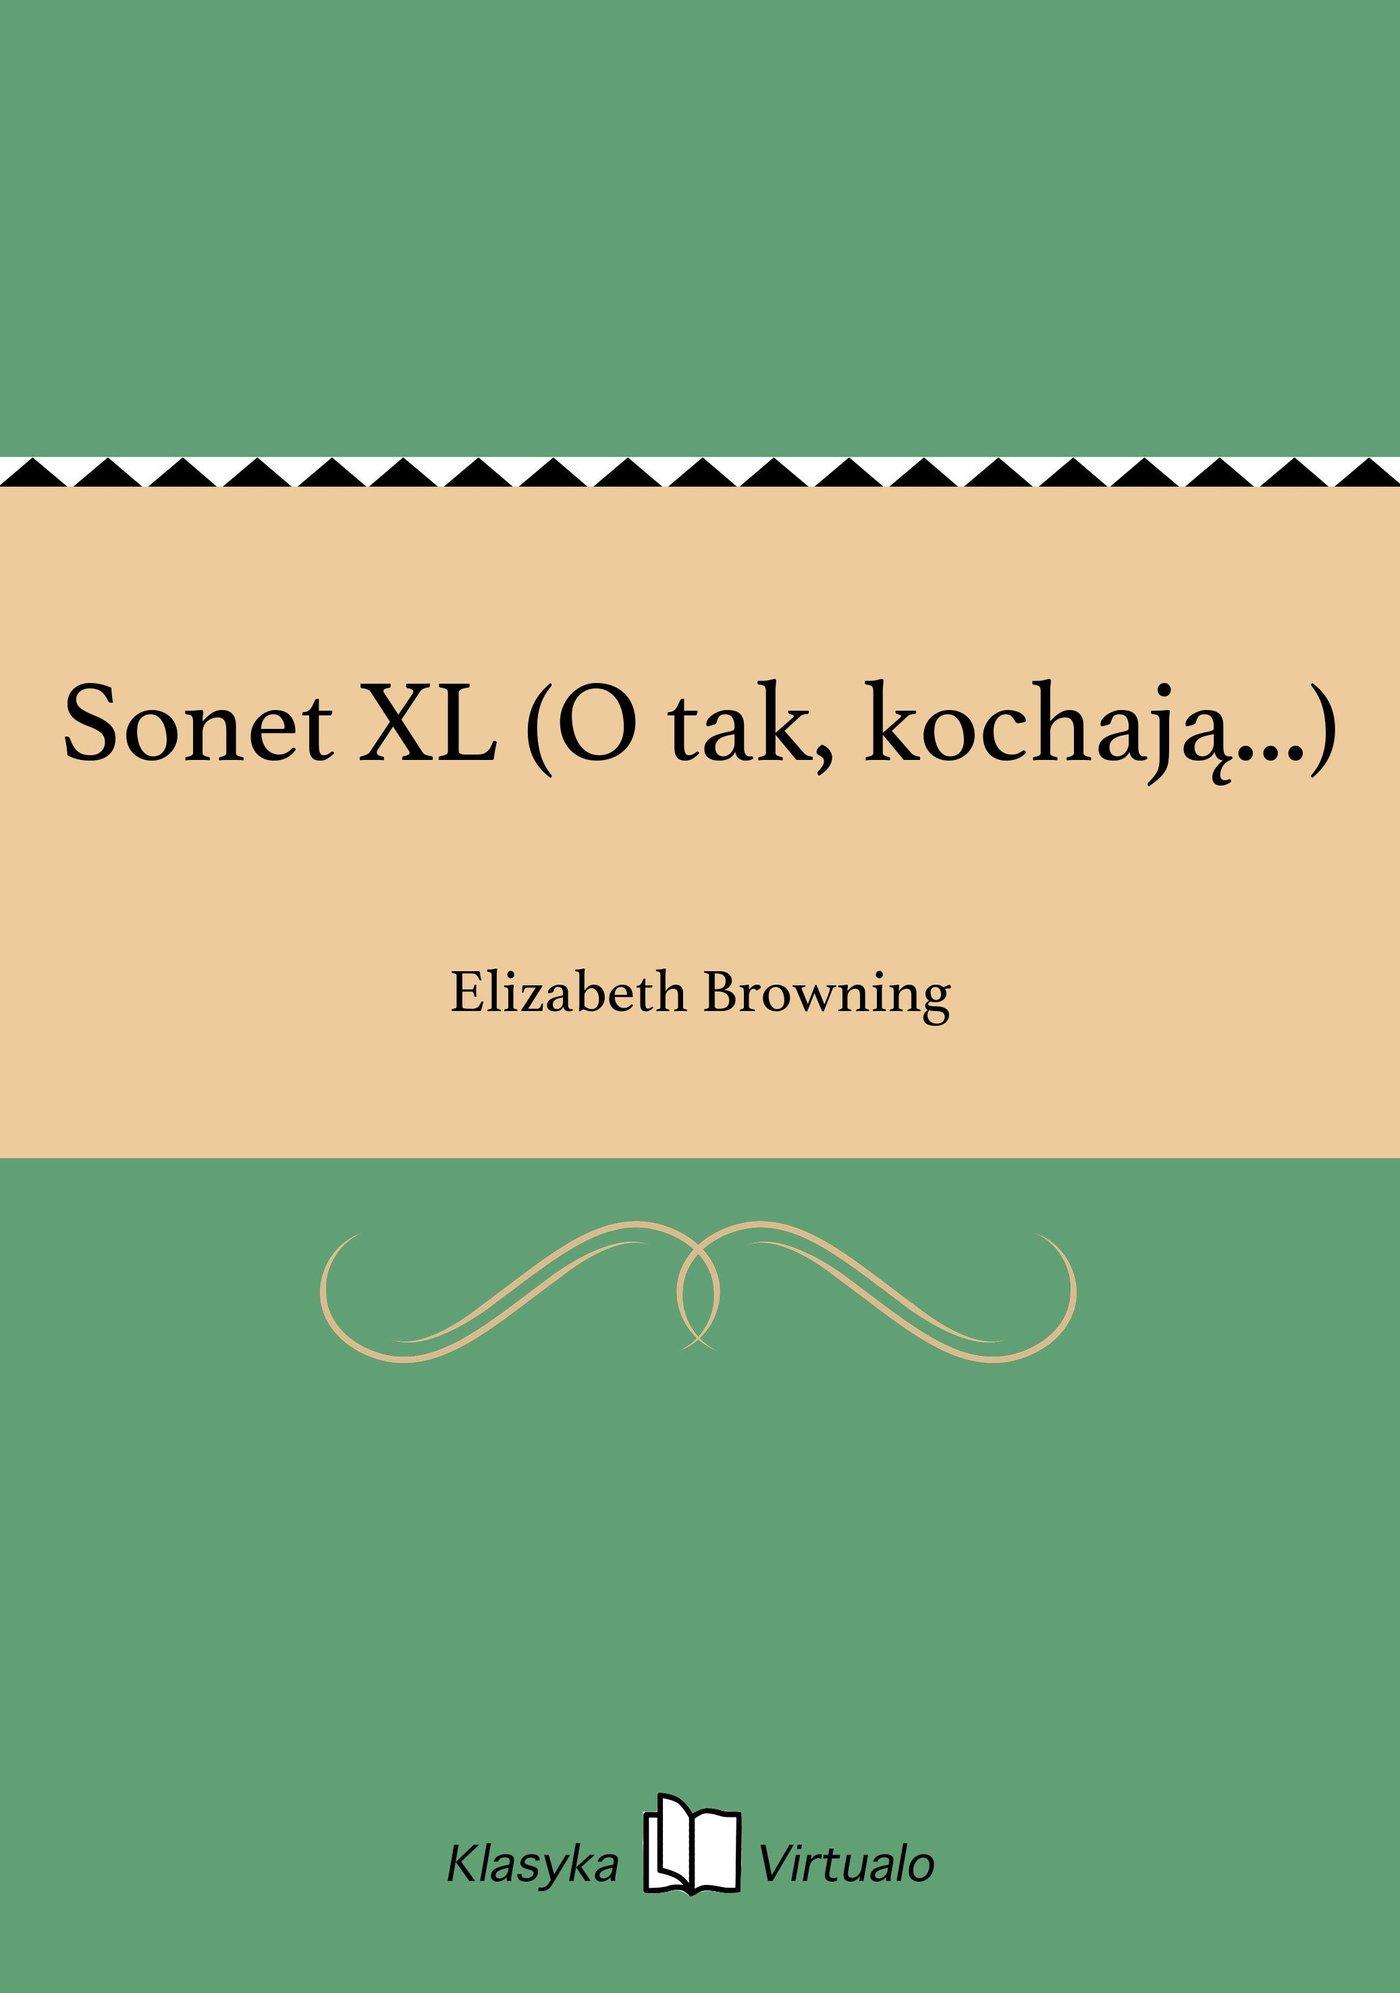 Sonet XL (O tak, kochają...) - Ebook (Książka EPUB) do pobrania w formacie EPUB